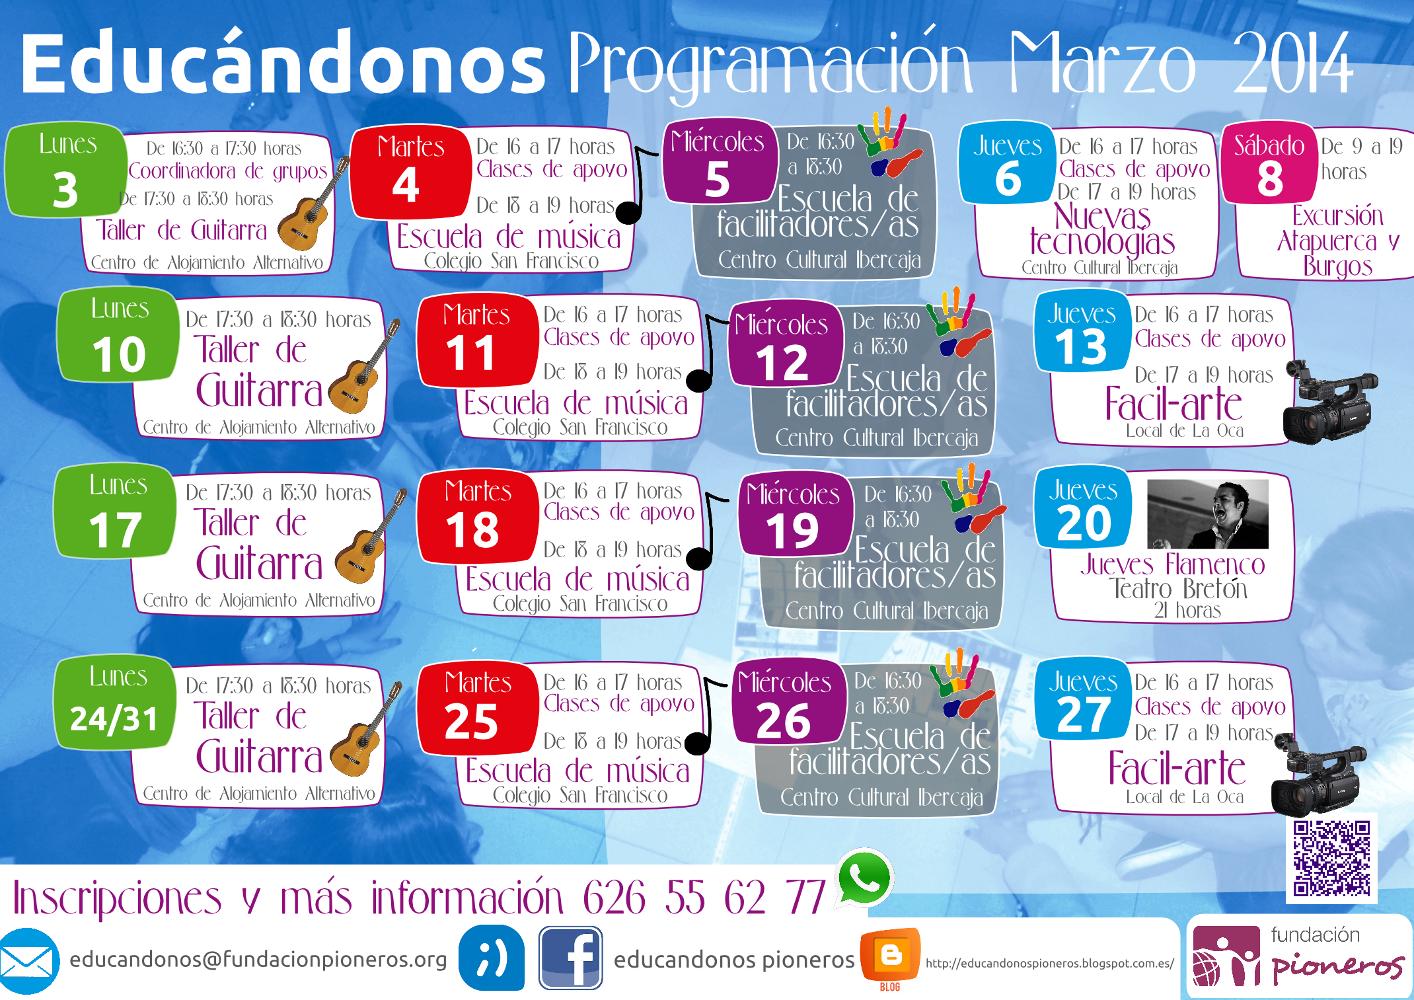 programación-mensual-educandonos-Marzo-2014_ligera